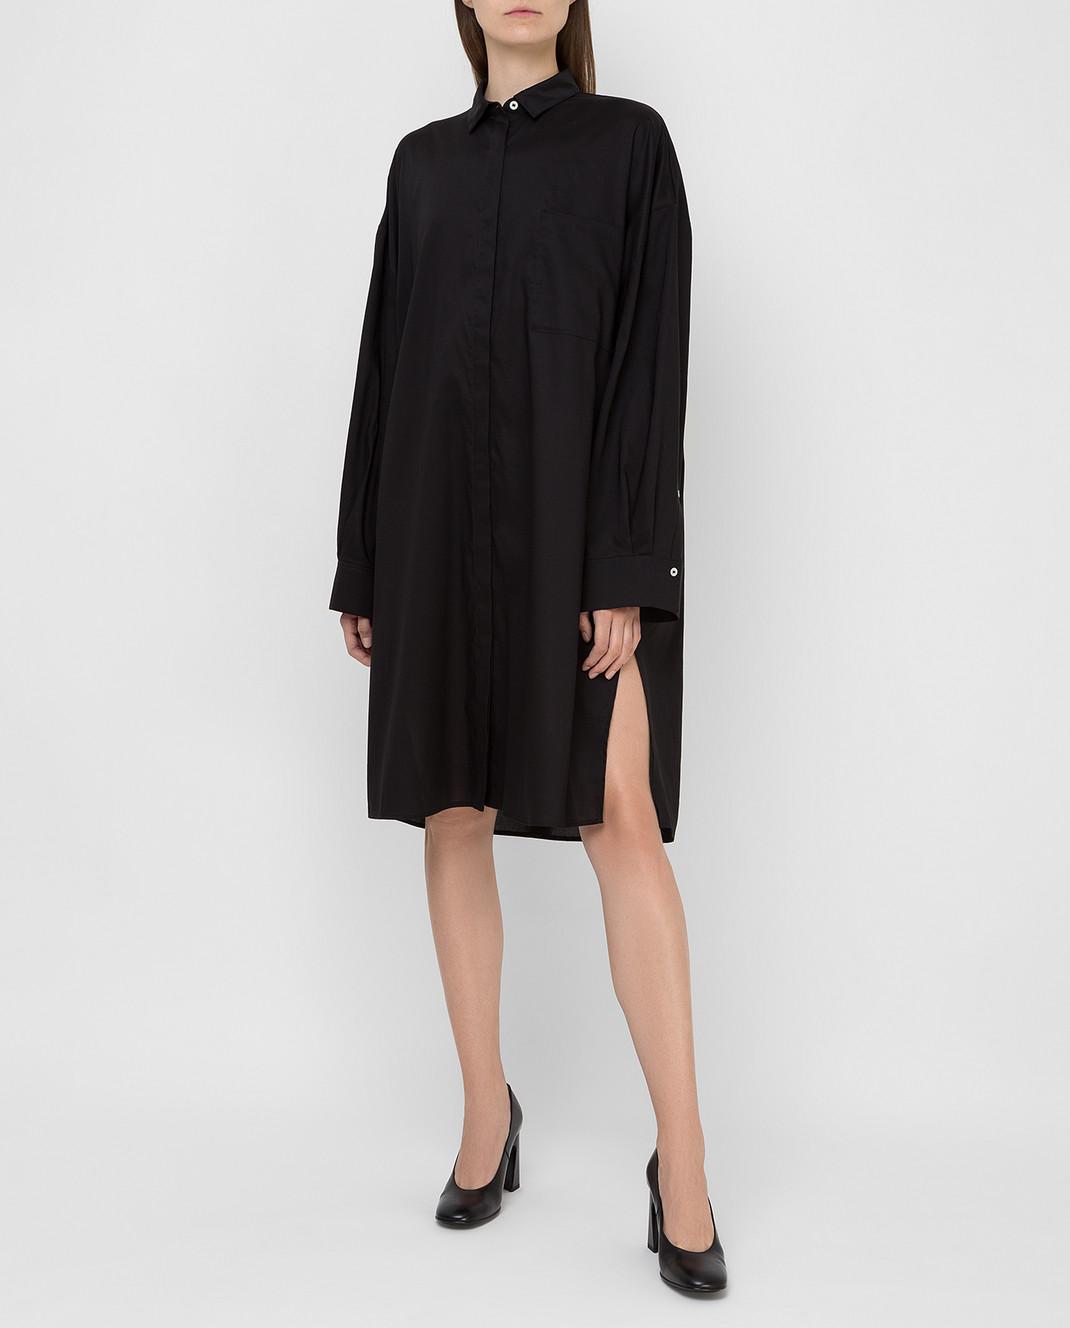 Toteme Черное платье изображение 2